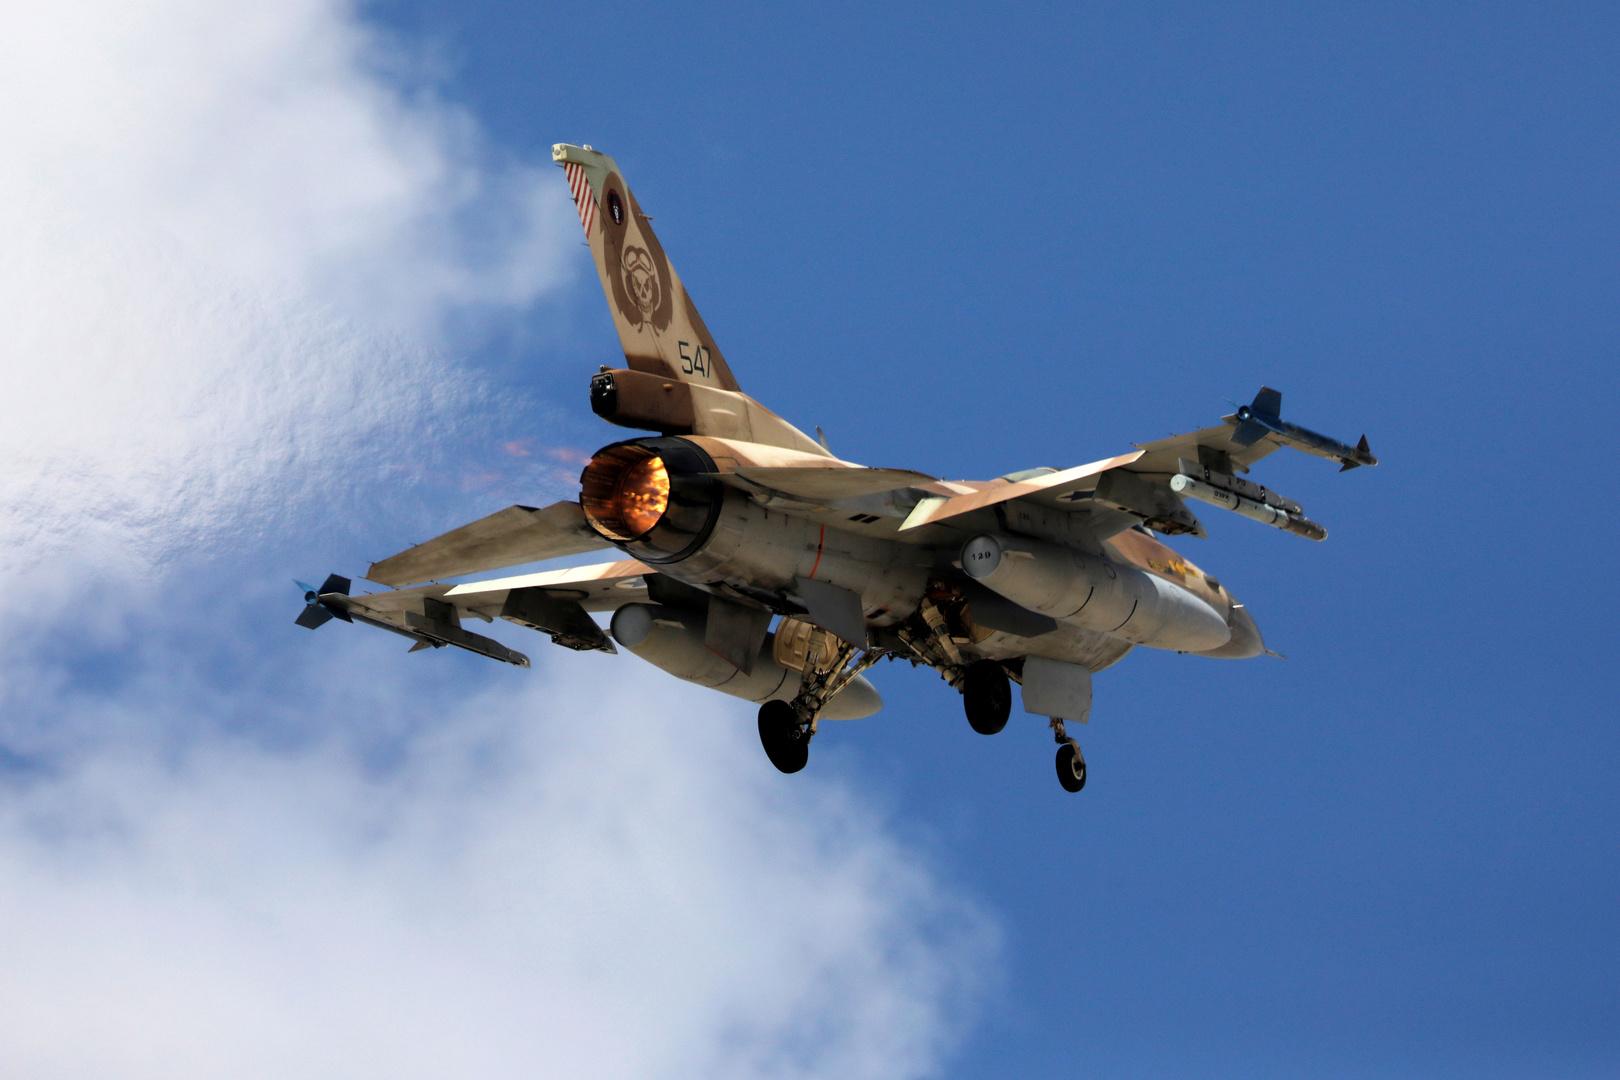 نشطاء سوريون: أكثر من 20 قتيلا جراء غارات إسرائيل الأخيرة على دير الزور